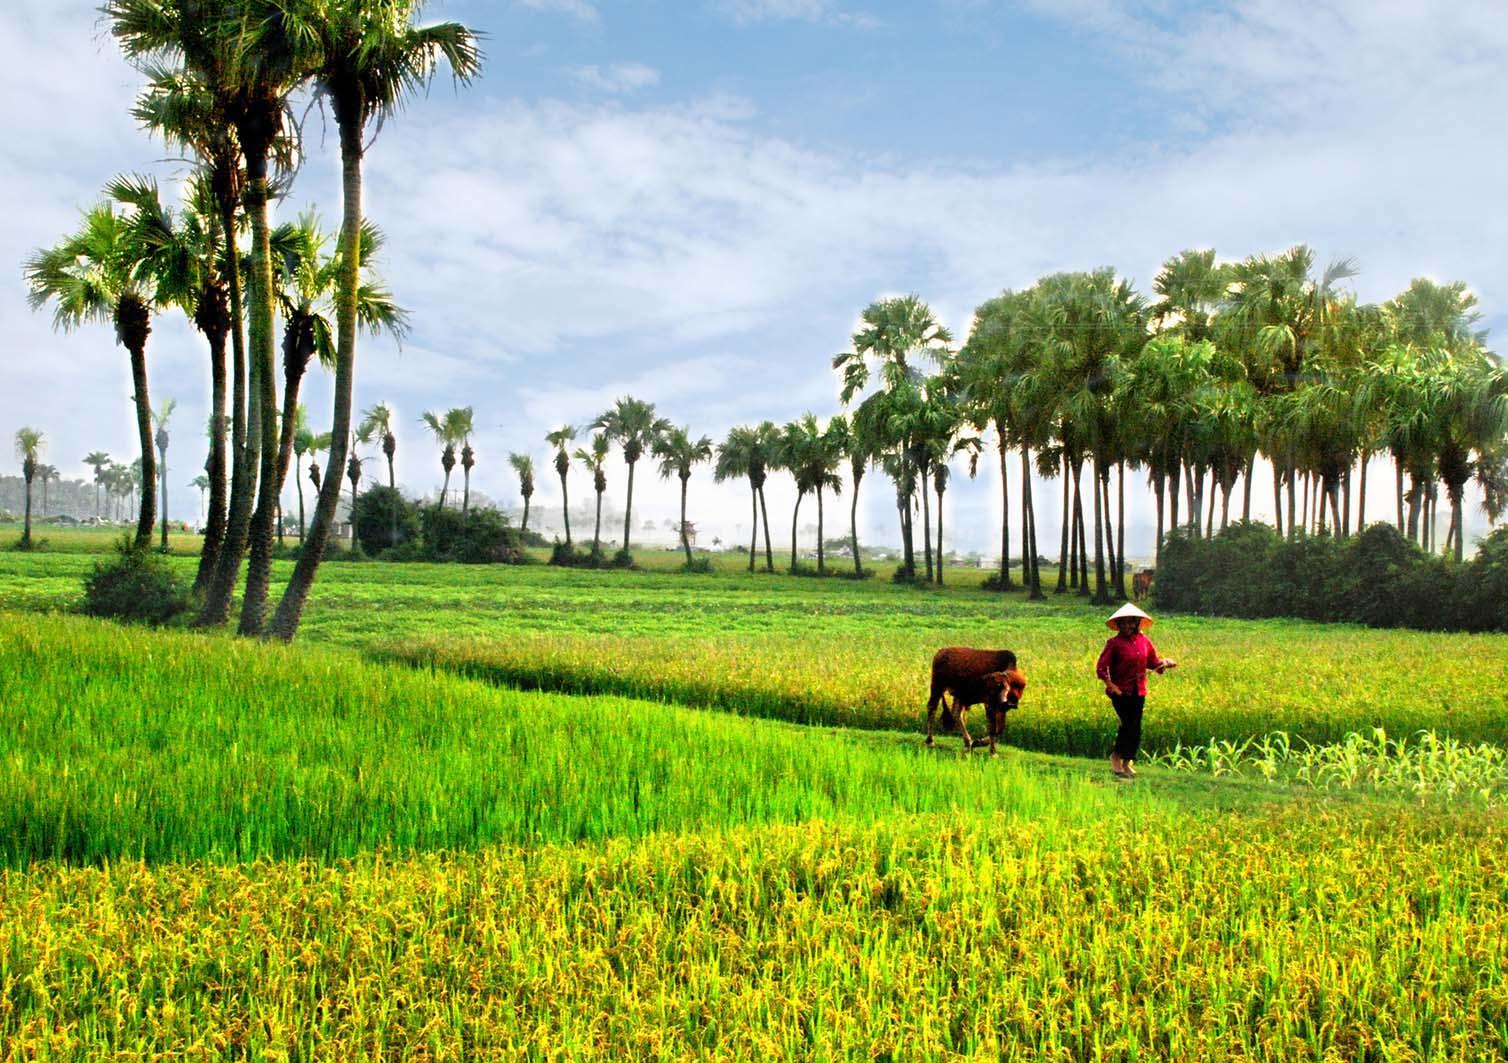 Phong cảnh đồng quê Việt Nam đẹp